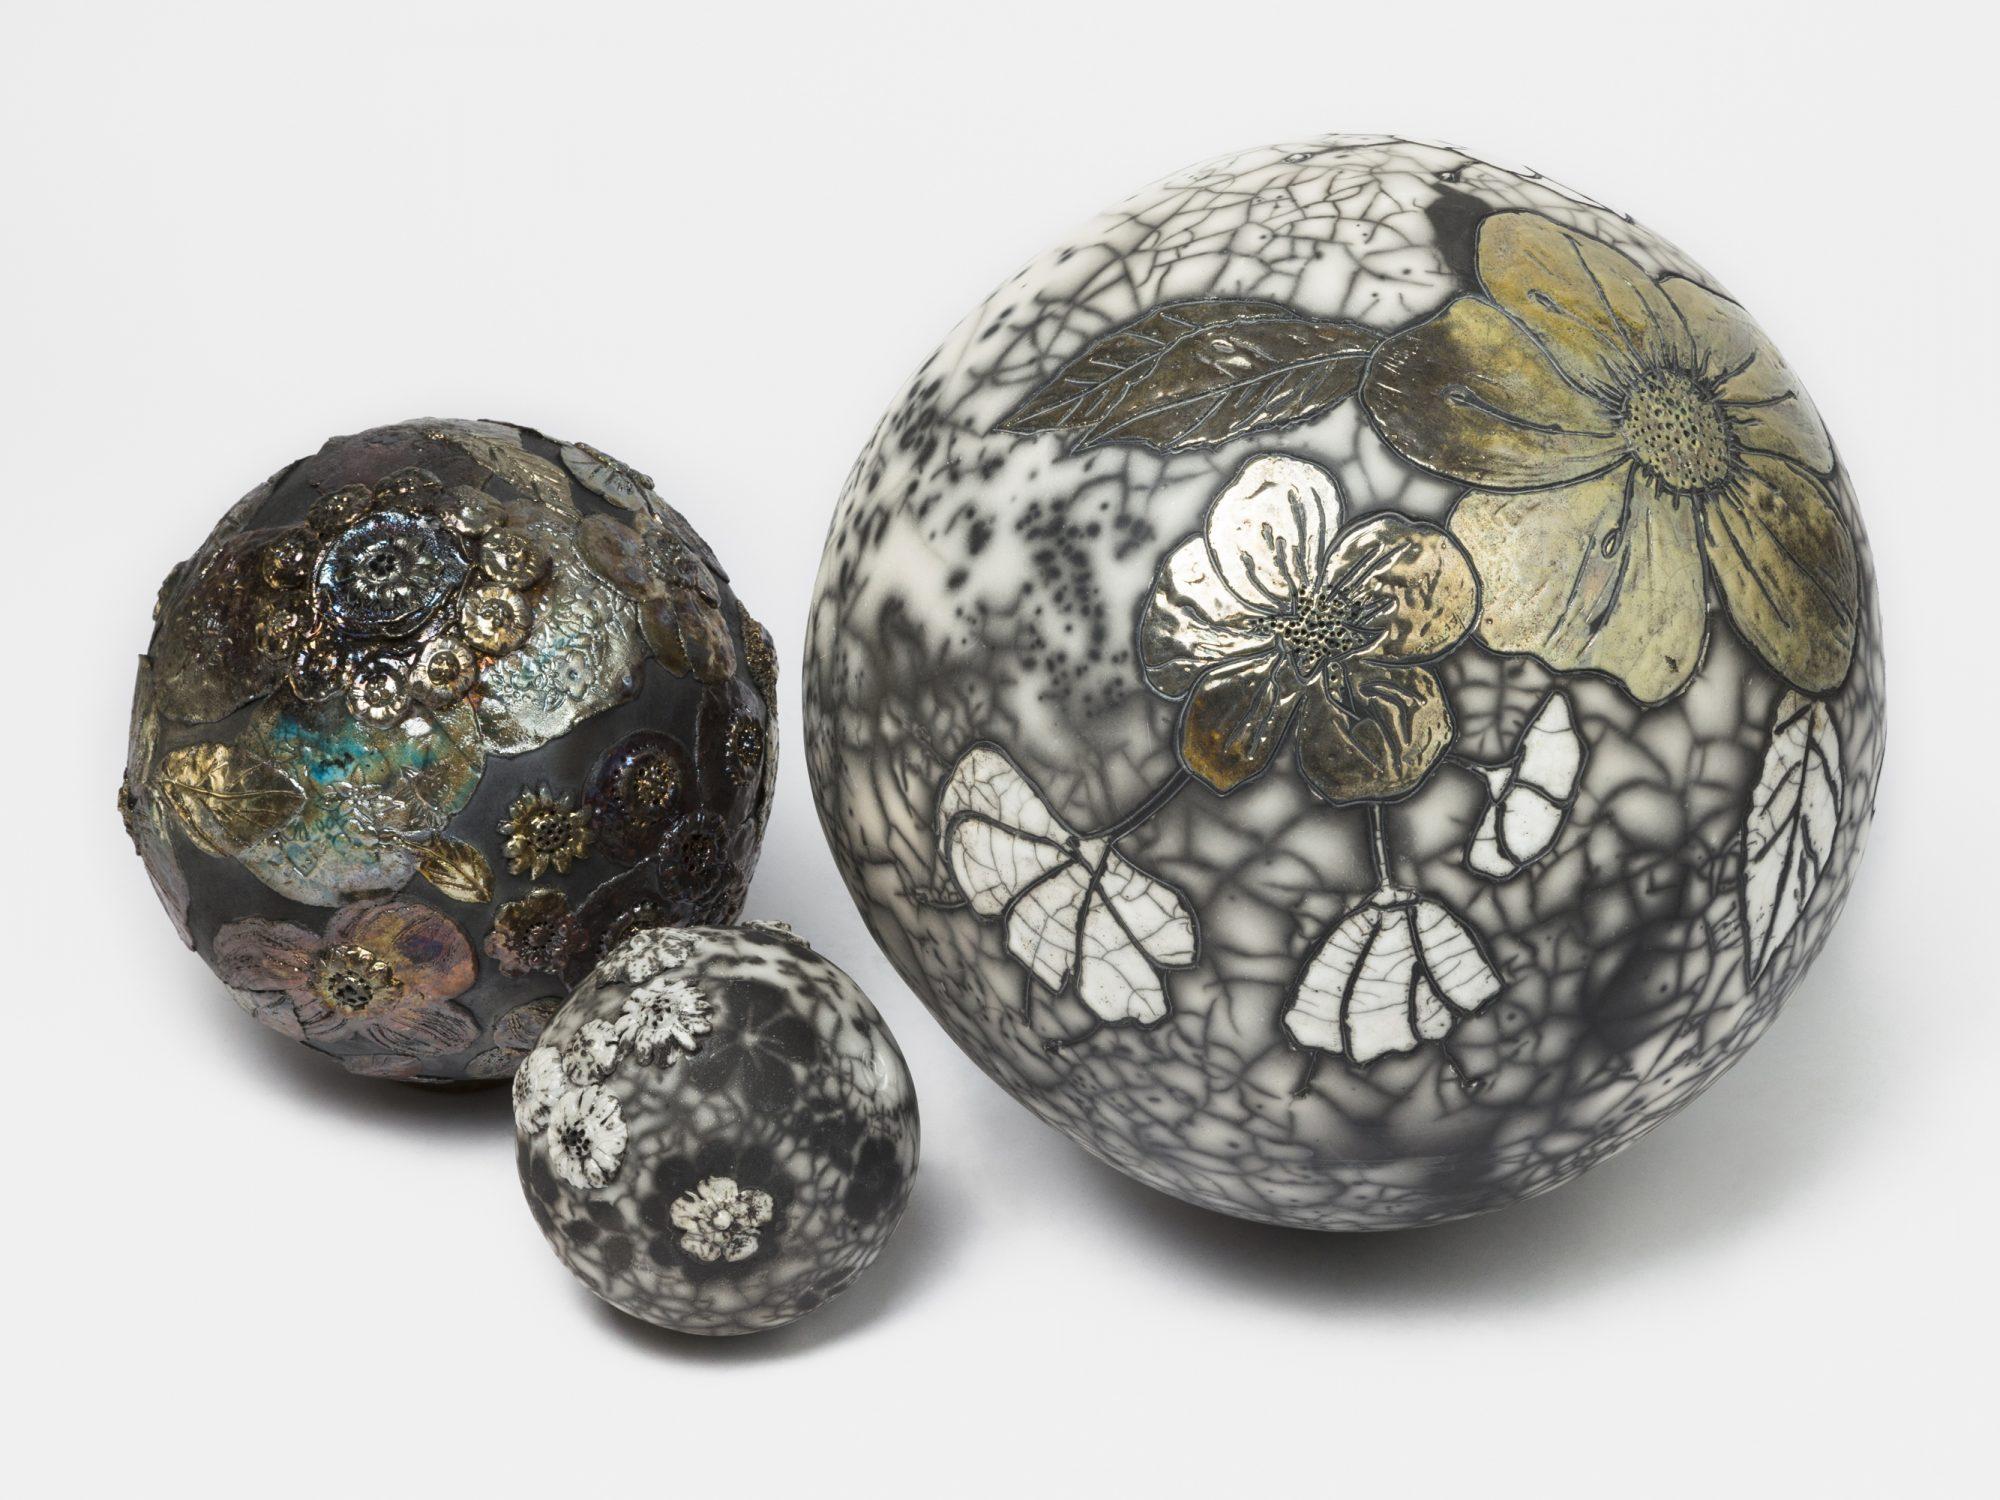 Les Moons - Installation - Grès - Raku et raku nu - Sculptures céramique de Florence Lemiegre